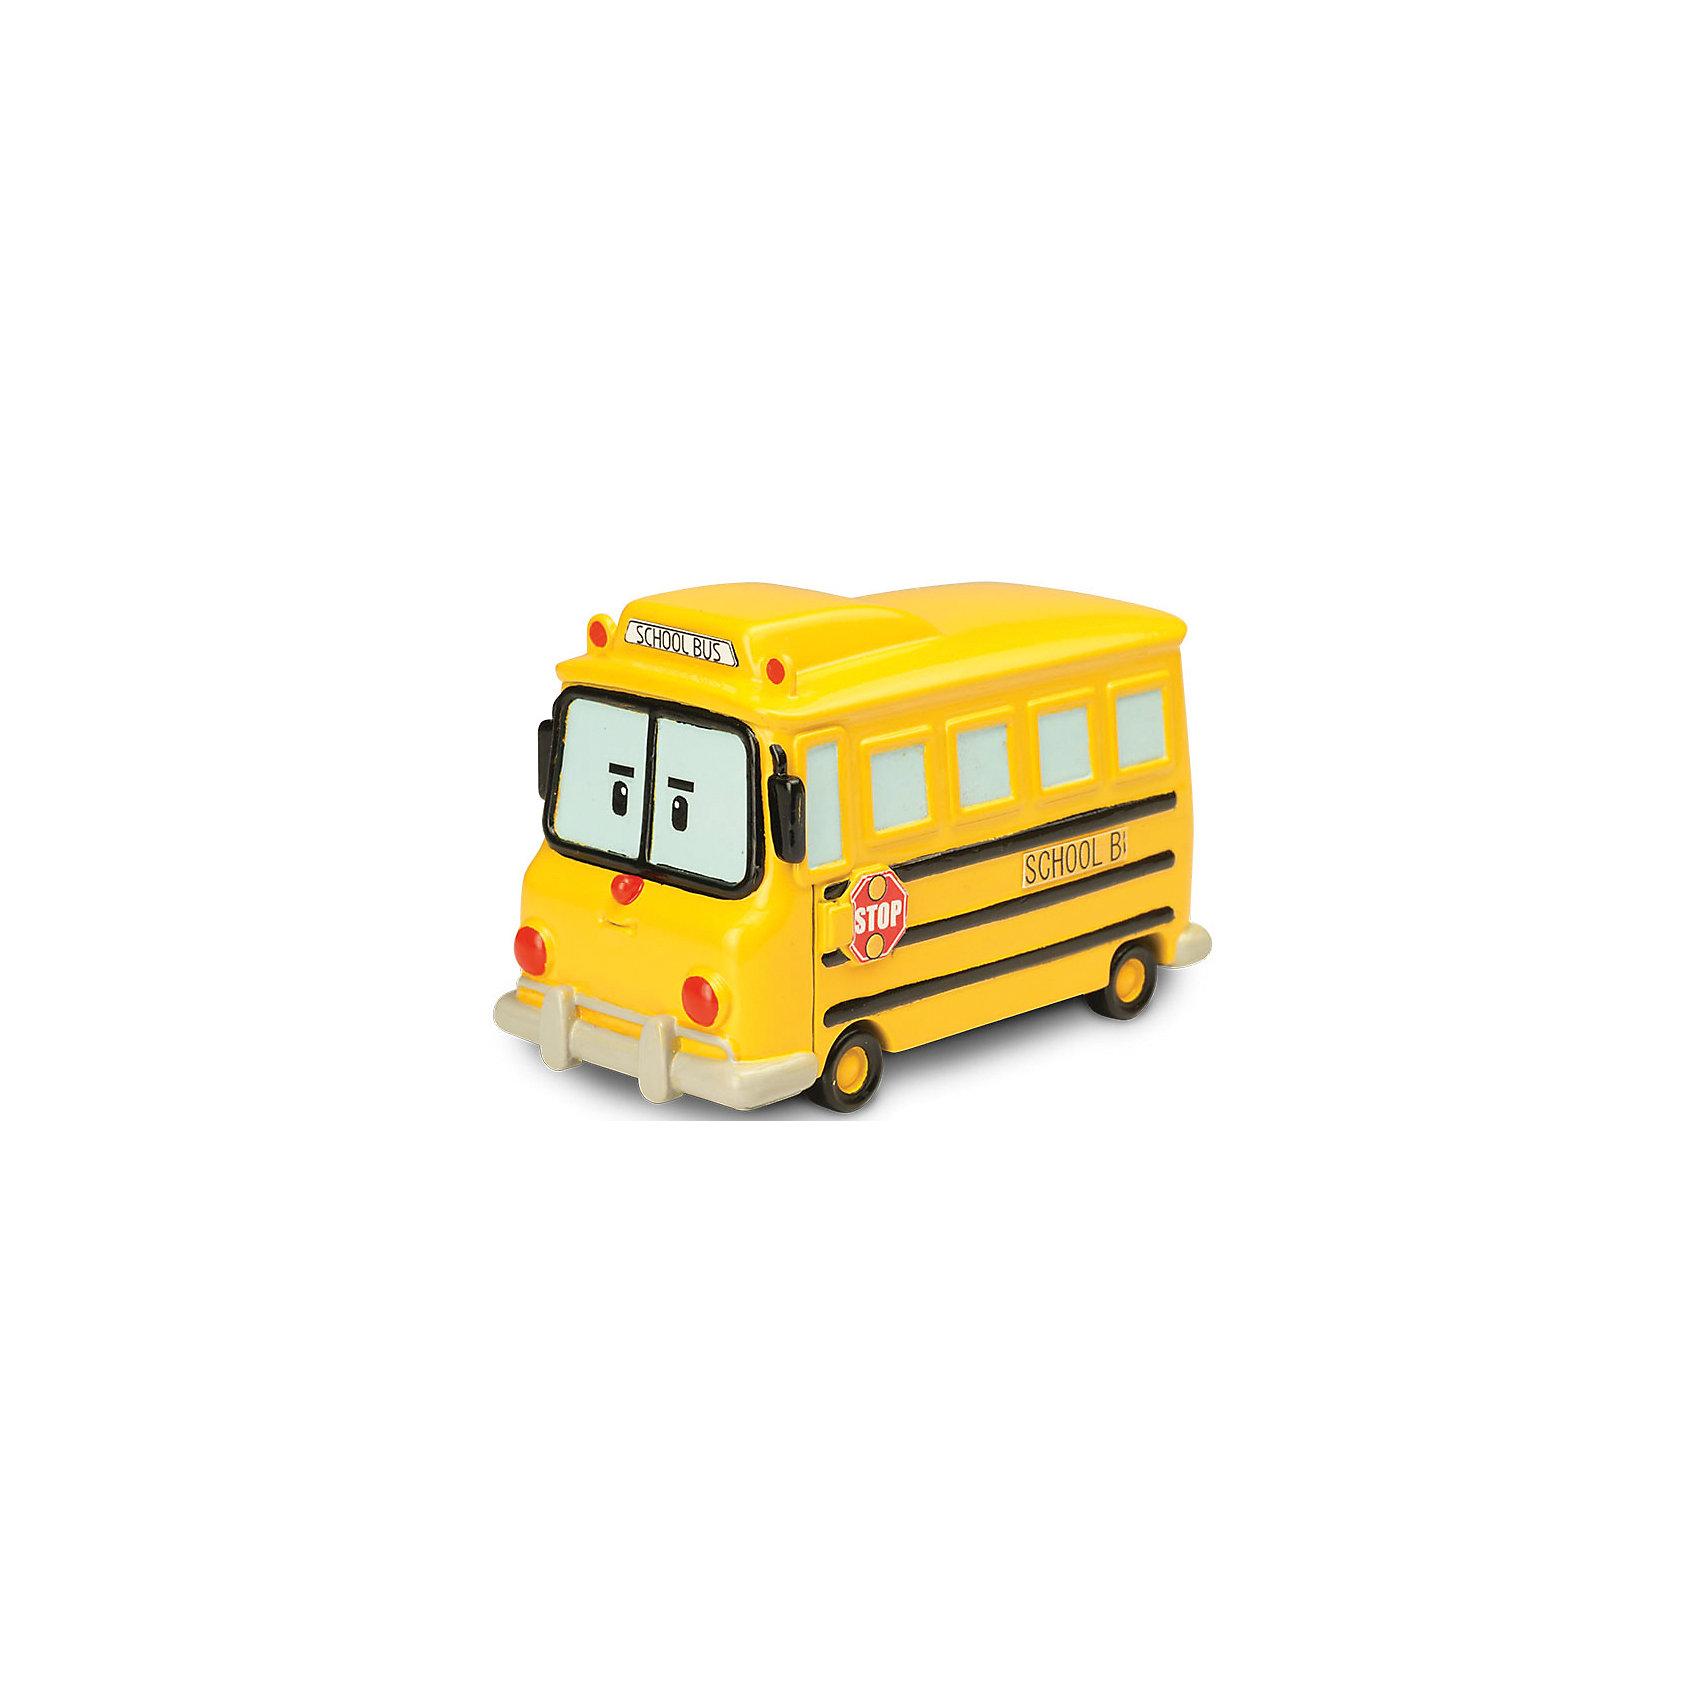 Игрушка Металлическая машинка Скулби, 6 см, Робокар ПолиРобокар Поли (Robocar Poli) -  добрый, интересный мультфильм про жителей удивительного города Брумстауна. В главных ролях команда отважных машинок-спасателей. Каждый малыш мечтает получить фигурки любимых героев в подарок! Школьный автобус Скулби - это новый персонаж. Он полюбился малышам за свою доброту и веселый нрав. Но Скулби понимает, какая важная миссия на него возложена. Он зорко следит за ситуацией на дороге, чтобы привезти детей в школу в целости и сохранности. А если заметил опасность, вызывает команду спасателей! Игрушка отлично сочетается со всеми игровыми наборами Робокар Поли  (Robocar Poli) с трассами. Играть со Скулби будет еще интереснее, ведь он точь в точь как в мультфильме! Маленькую металлическую машинку легко брать с собой, она очень прочная и при этом безопасная, так как не содержит острых углов. Соберите всю коллекцию из серии Робокар Поли (Robocar Poli) и пускайтесь с любимыми героями в захватывающие приключения!<br><br>Дополнительная информация:<br><br>- Небольшая металлическая машинка;<br>- Стойкая краска;<br>- Очень понравится поклоннику мультсериала Робокар Поли  (Robocar Poli);<br>- Машинка совместима с игровыми наборами;<br>- Прочная конструкция; <br>- Материал: металл;<br>- Размер машинки: 6 х 4 х 3,8 см;<br>- Вес: 160 г<br><br>Игрушку Металлическая машинка Скулби, 6 см, Робокар Поли  (Robocar Poli) можно купить в нашем интернет-магазине.<br><br>Ширина мм: 140<br>Глубина мм: 50<br>Высота мм: 170<br>Вес г: 160<br>Возраст от месяцев: 36<br>Возраст до месяцев: 84<br>Пол: Унисекс<br>Возраст: Детский<br>SKU: 4033638